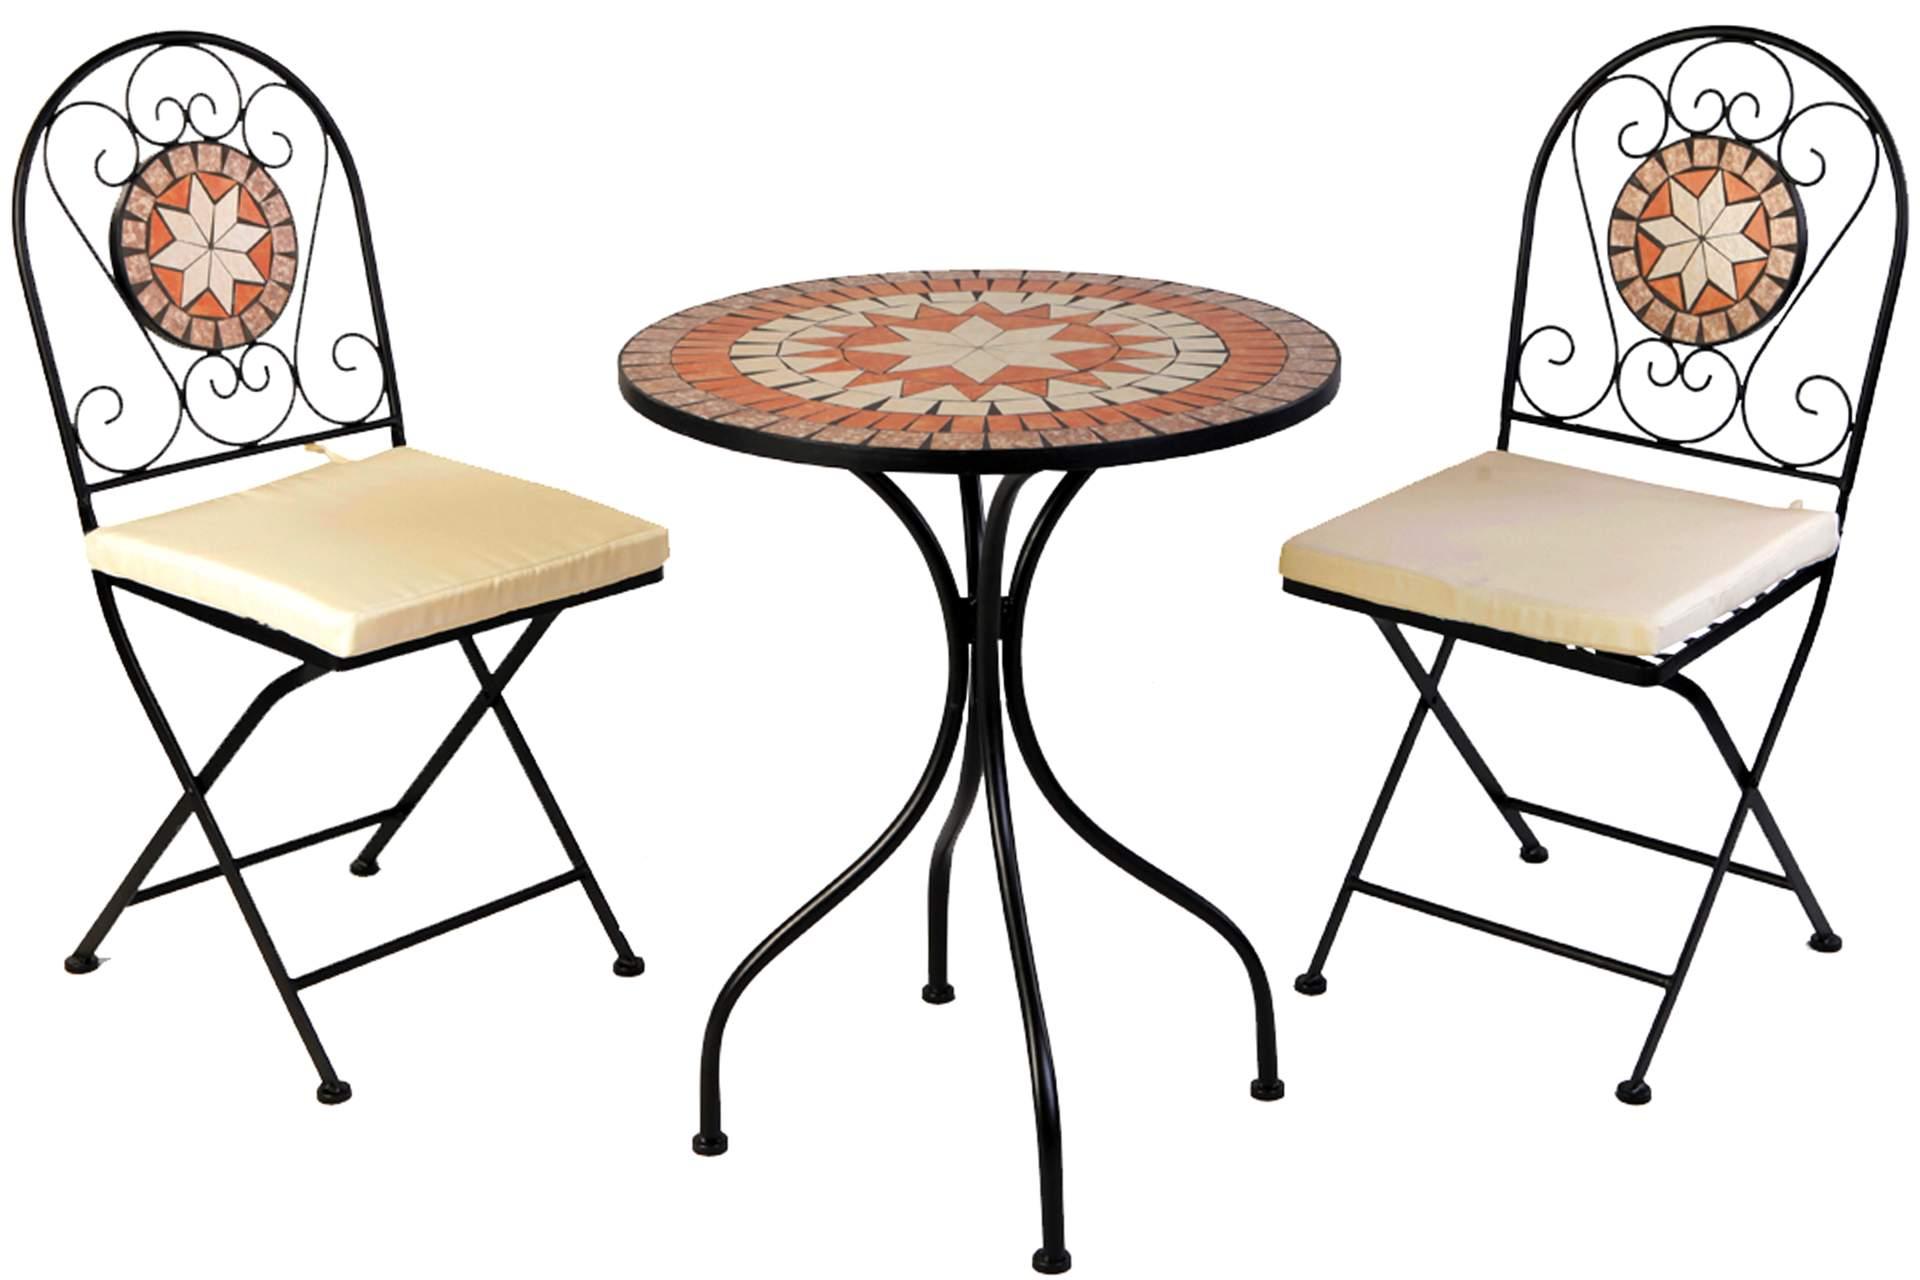 mosaik eisen set garnitur 3 tlg mit sitzpolster bistro set gartenm bel haus und garten. Black Bedroom Furniture Sets. Home Design Ideas